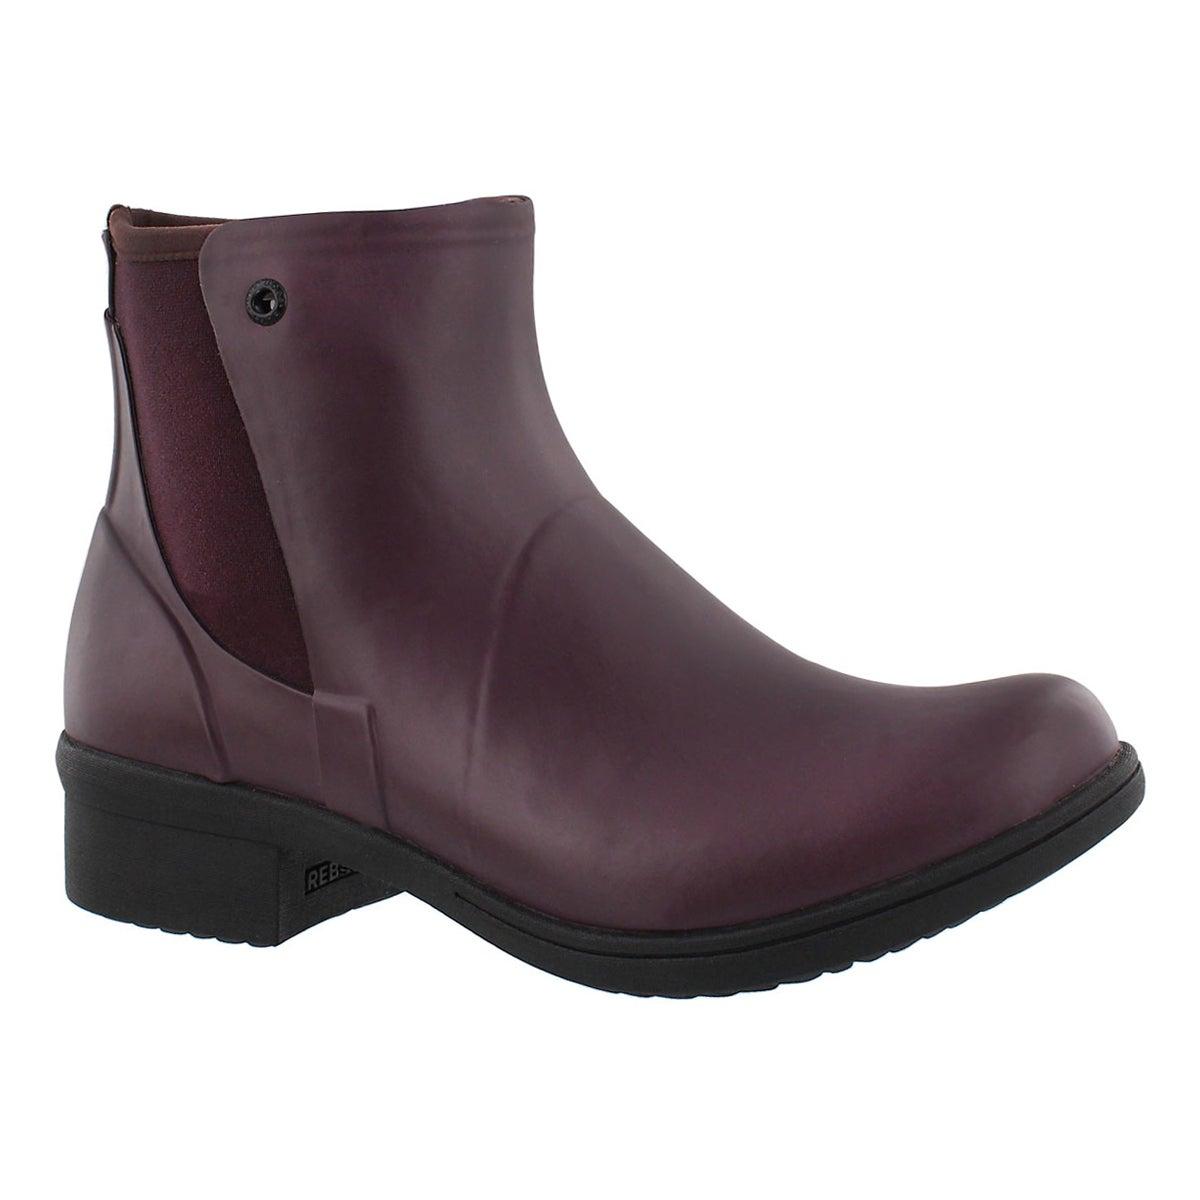 Women's AUBURN wine wtpf slip on winter boots